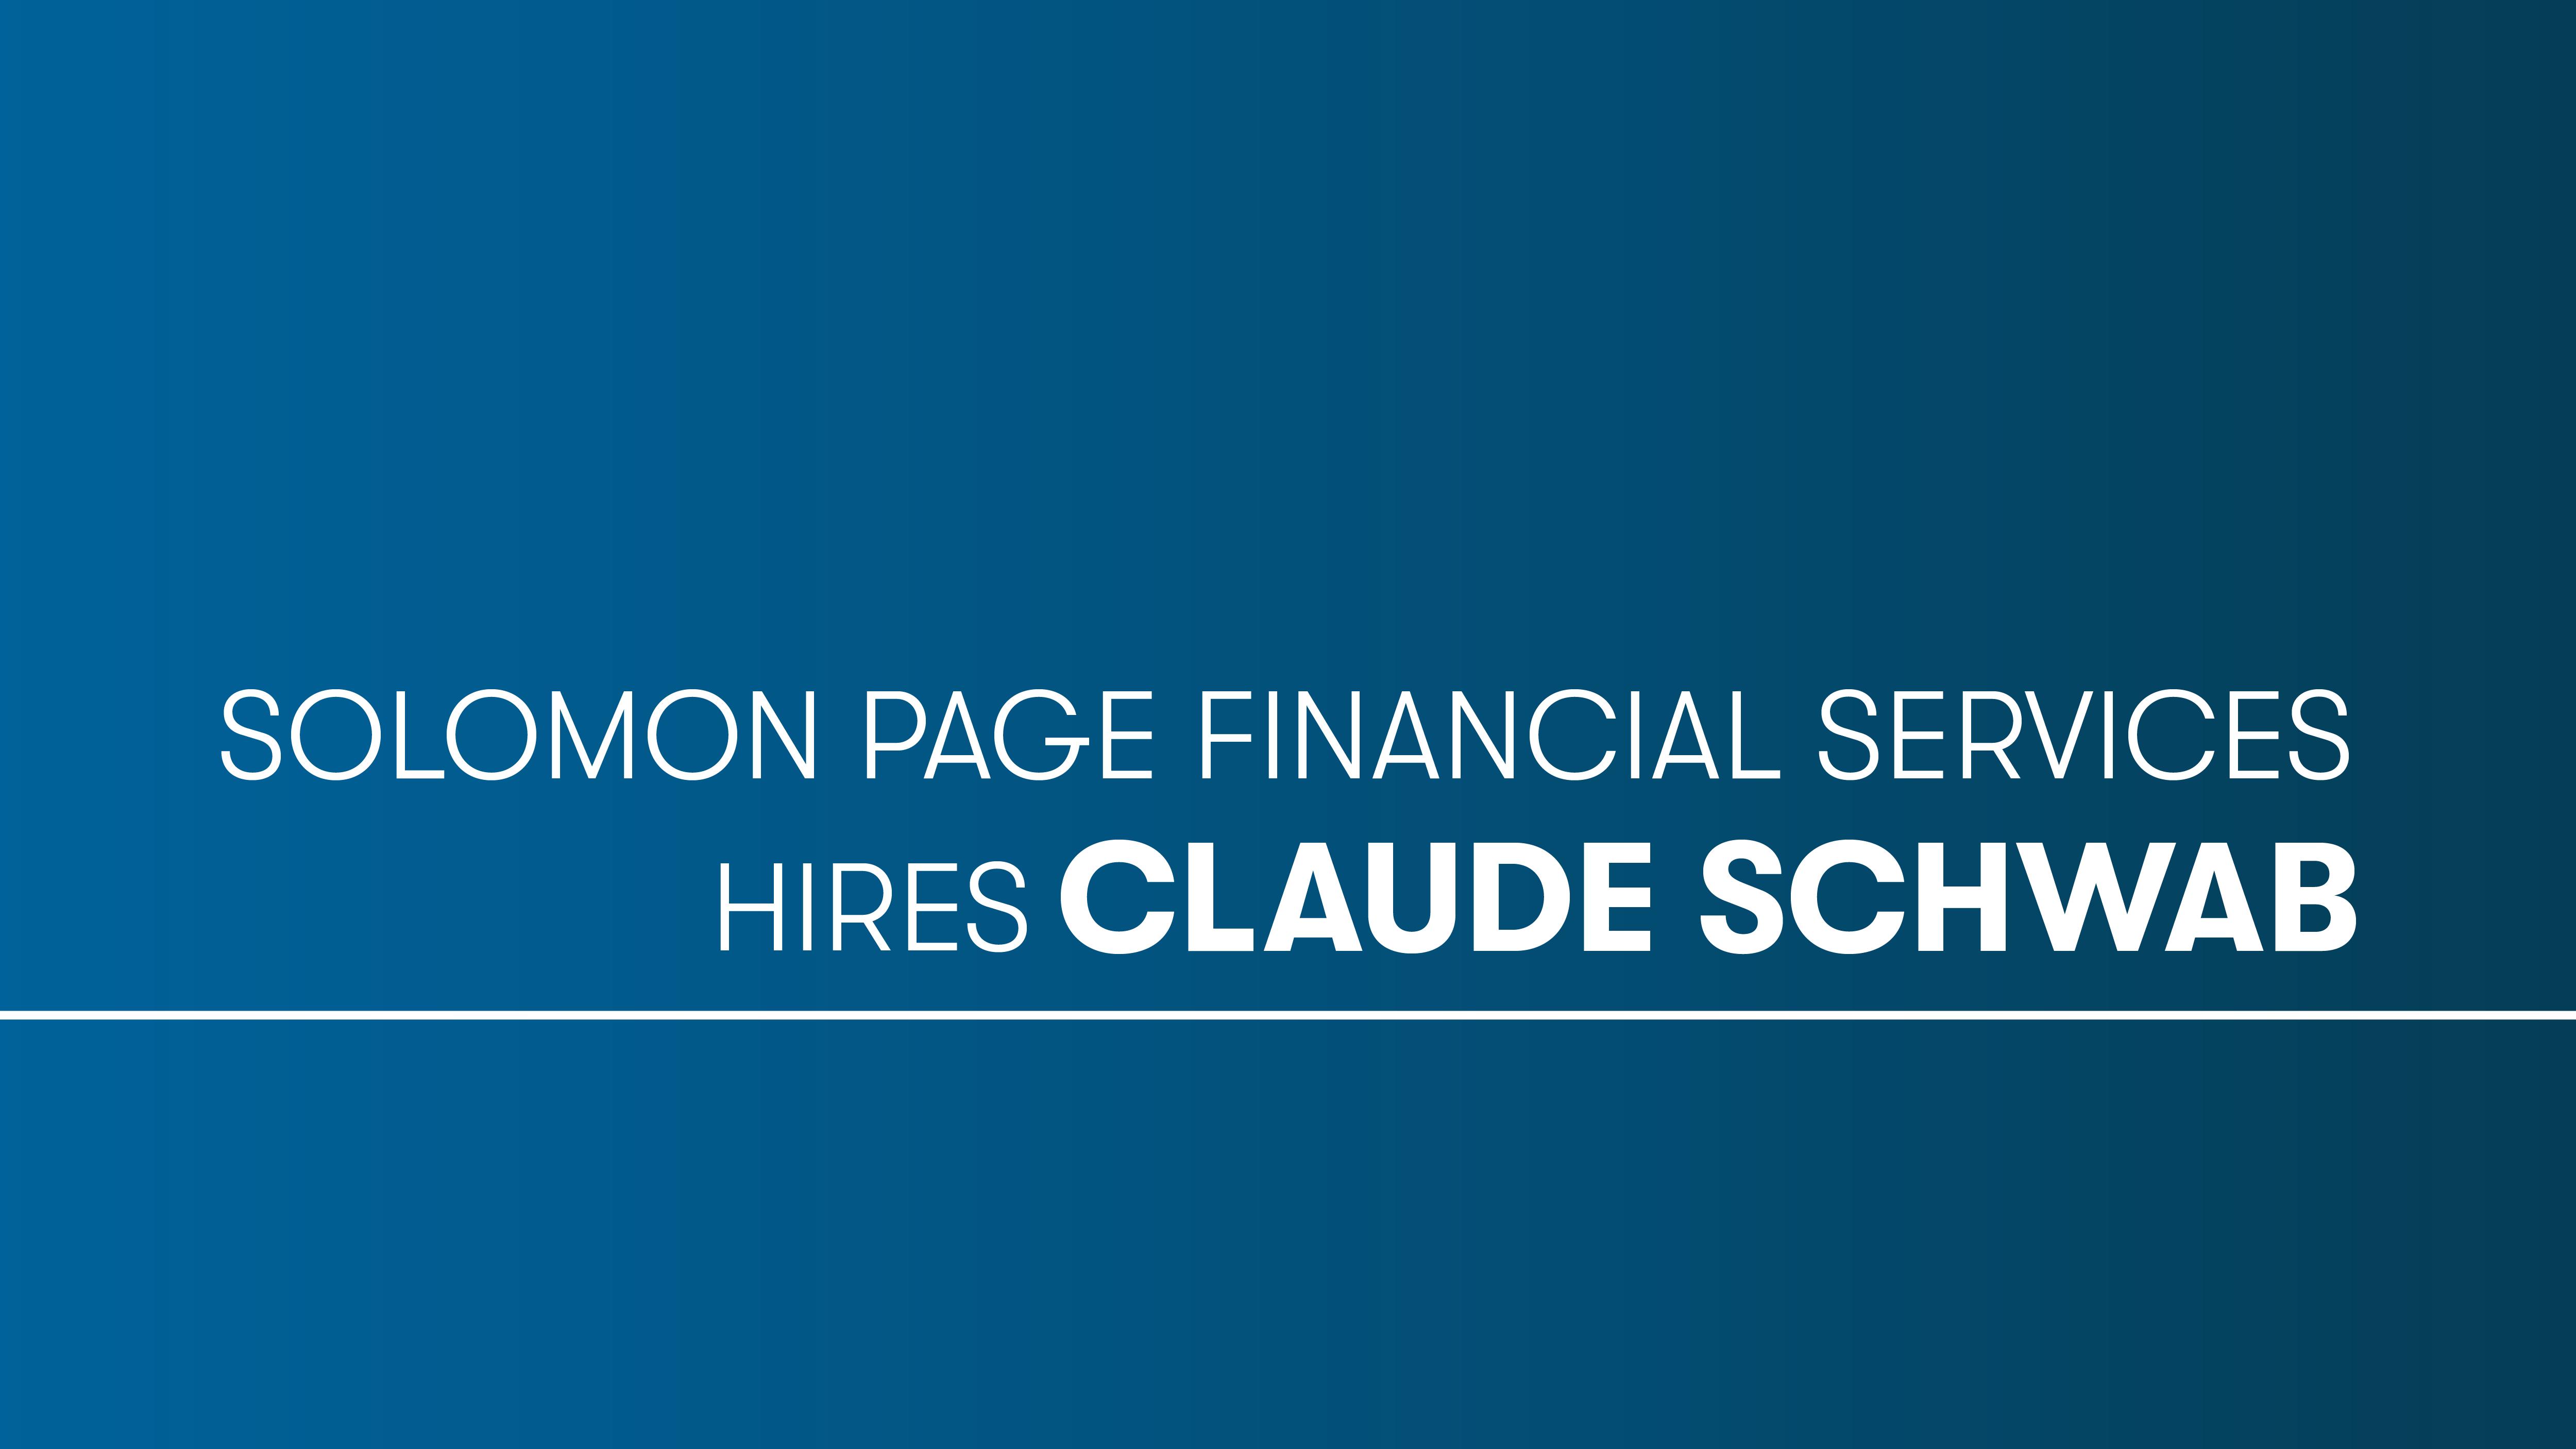 Solomon Page Financial Services Hires Claude Schwab